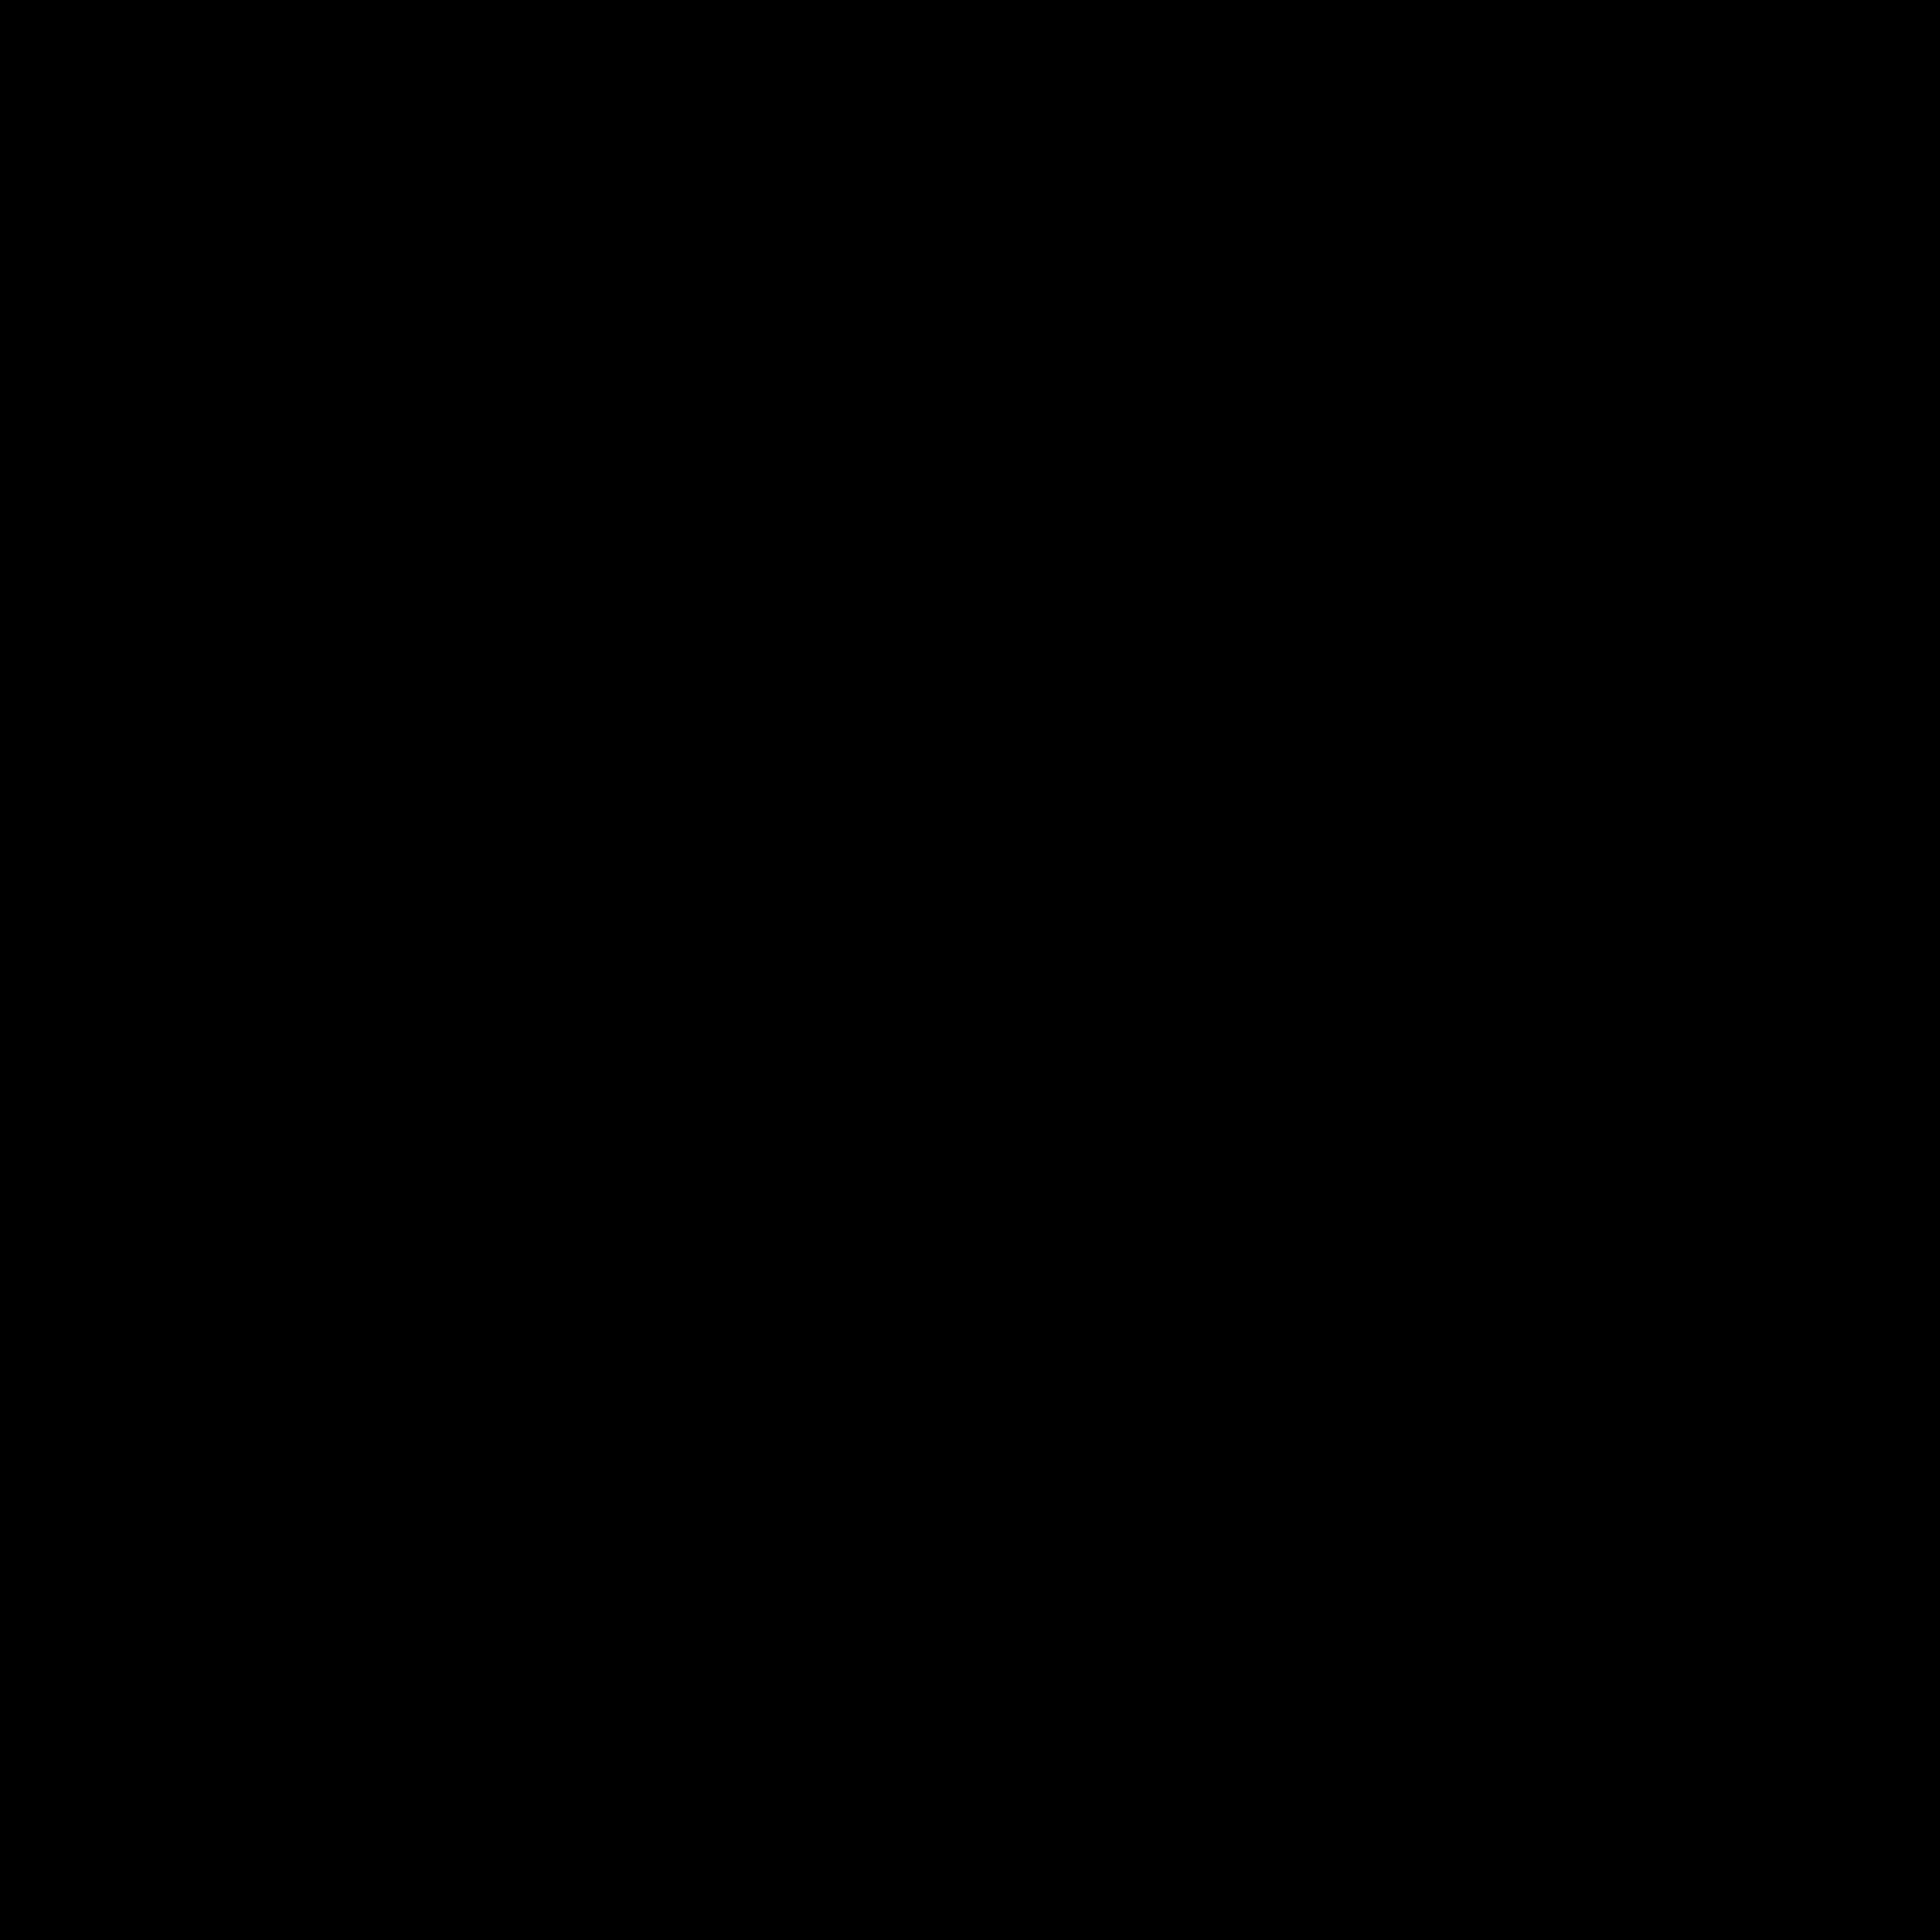 img-attr